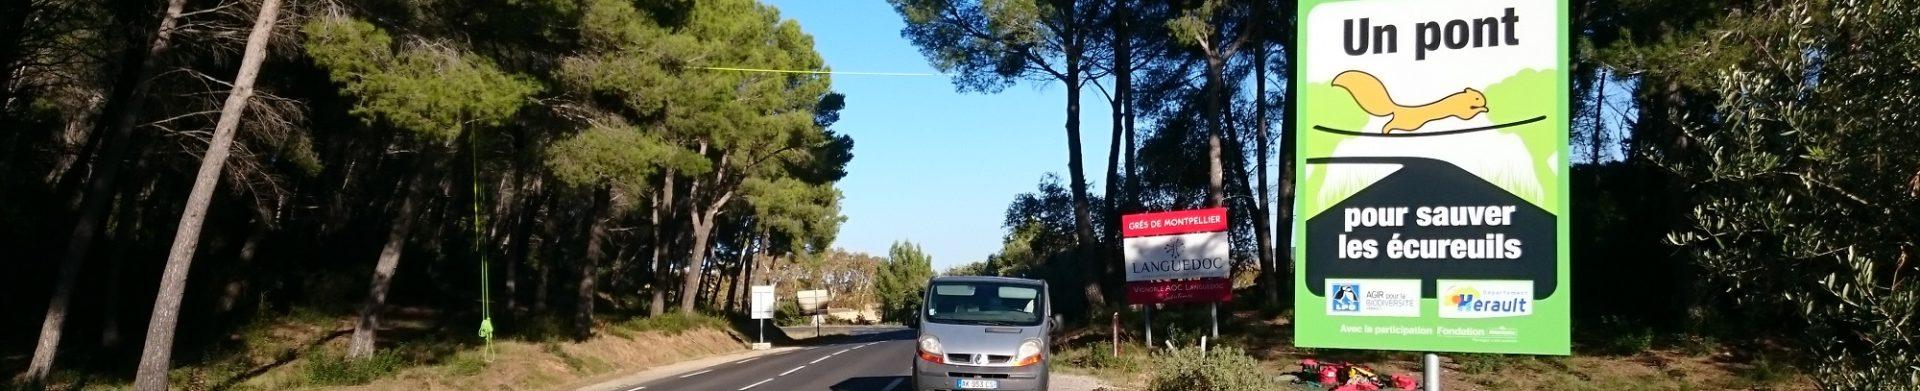 (Français) Les écuroducs de l'Hérault